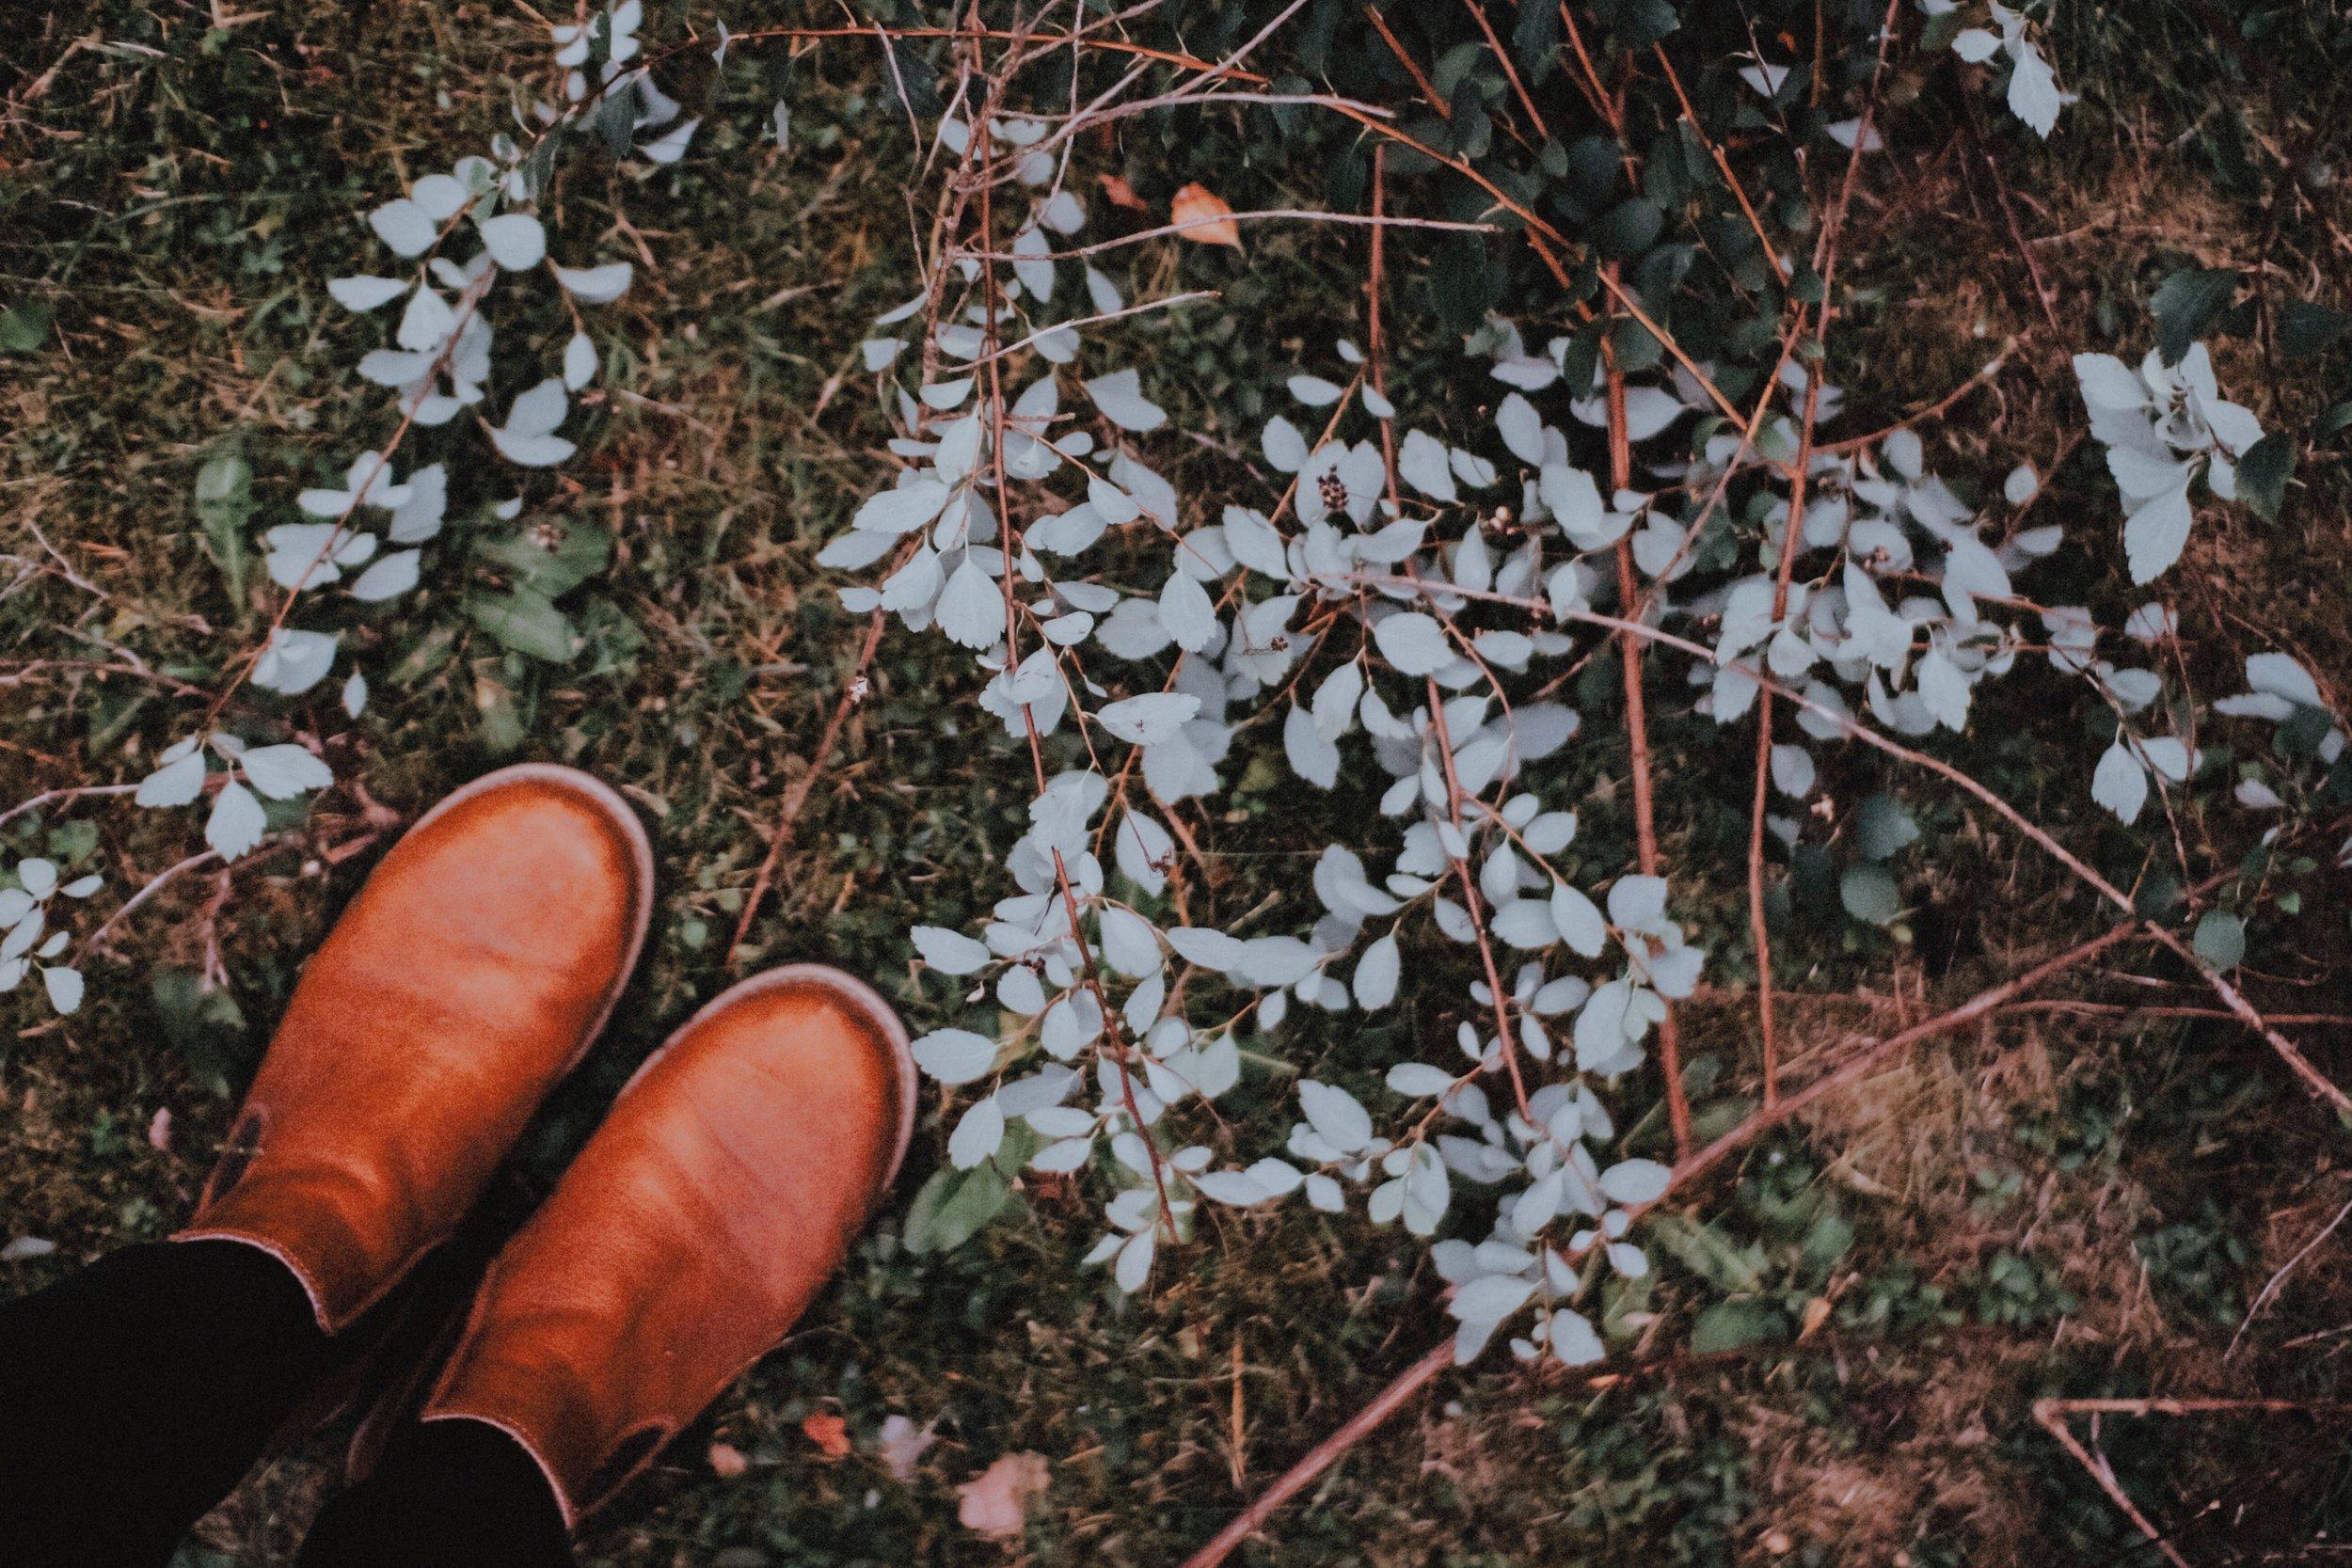 Några friska kvistar råkade följa med ned…